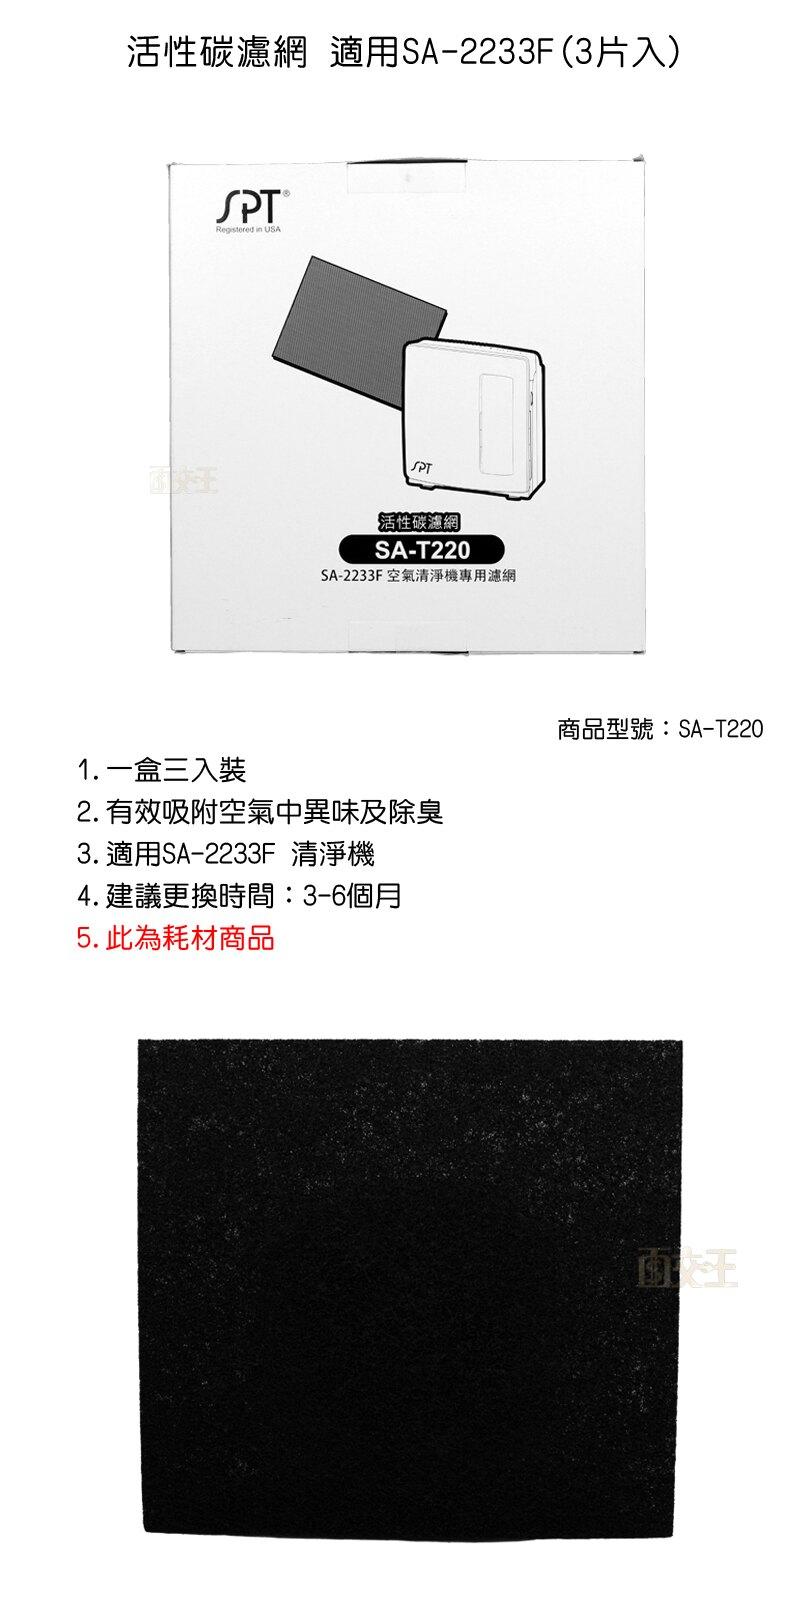 【尋寶趣】活性碳濾網 適用SA-2233F(3片入) 除臭 空氣清淨機濾網 空氣淨化 除菌 台灣製造 SA-T220